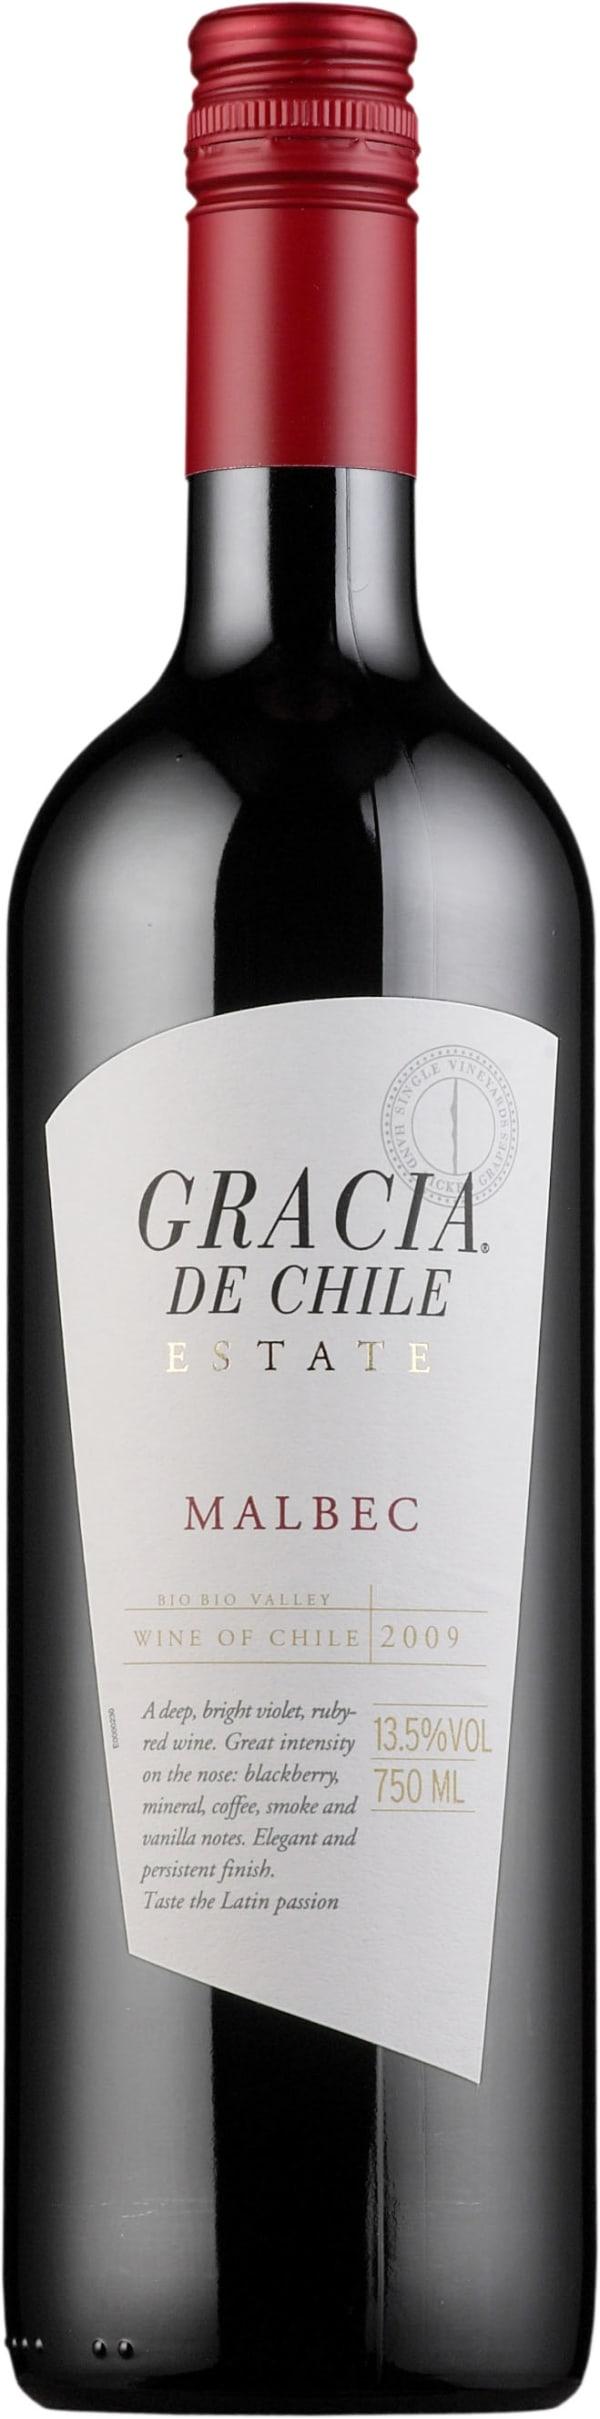 Gracia de Chile Malbec 2015